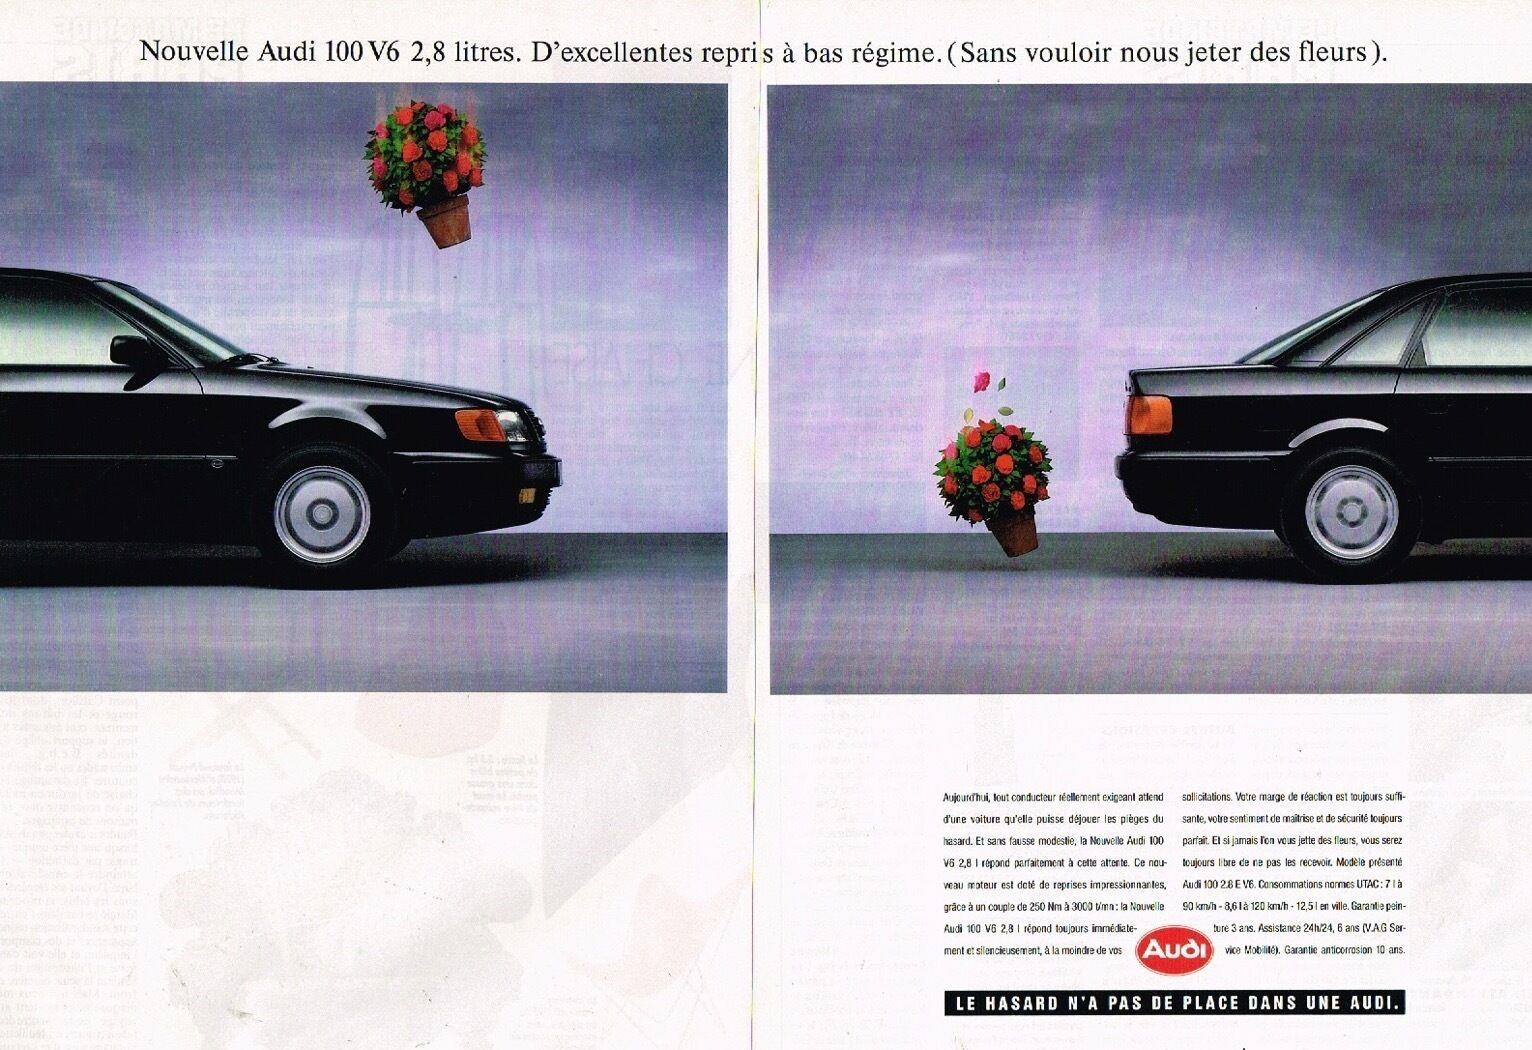 1991 Nouvelle Audi 100 V6 2,8